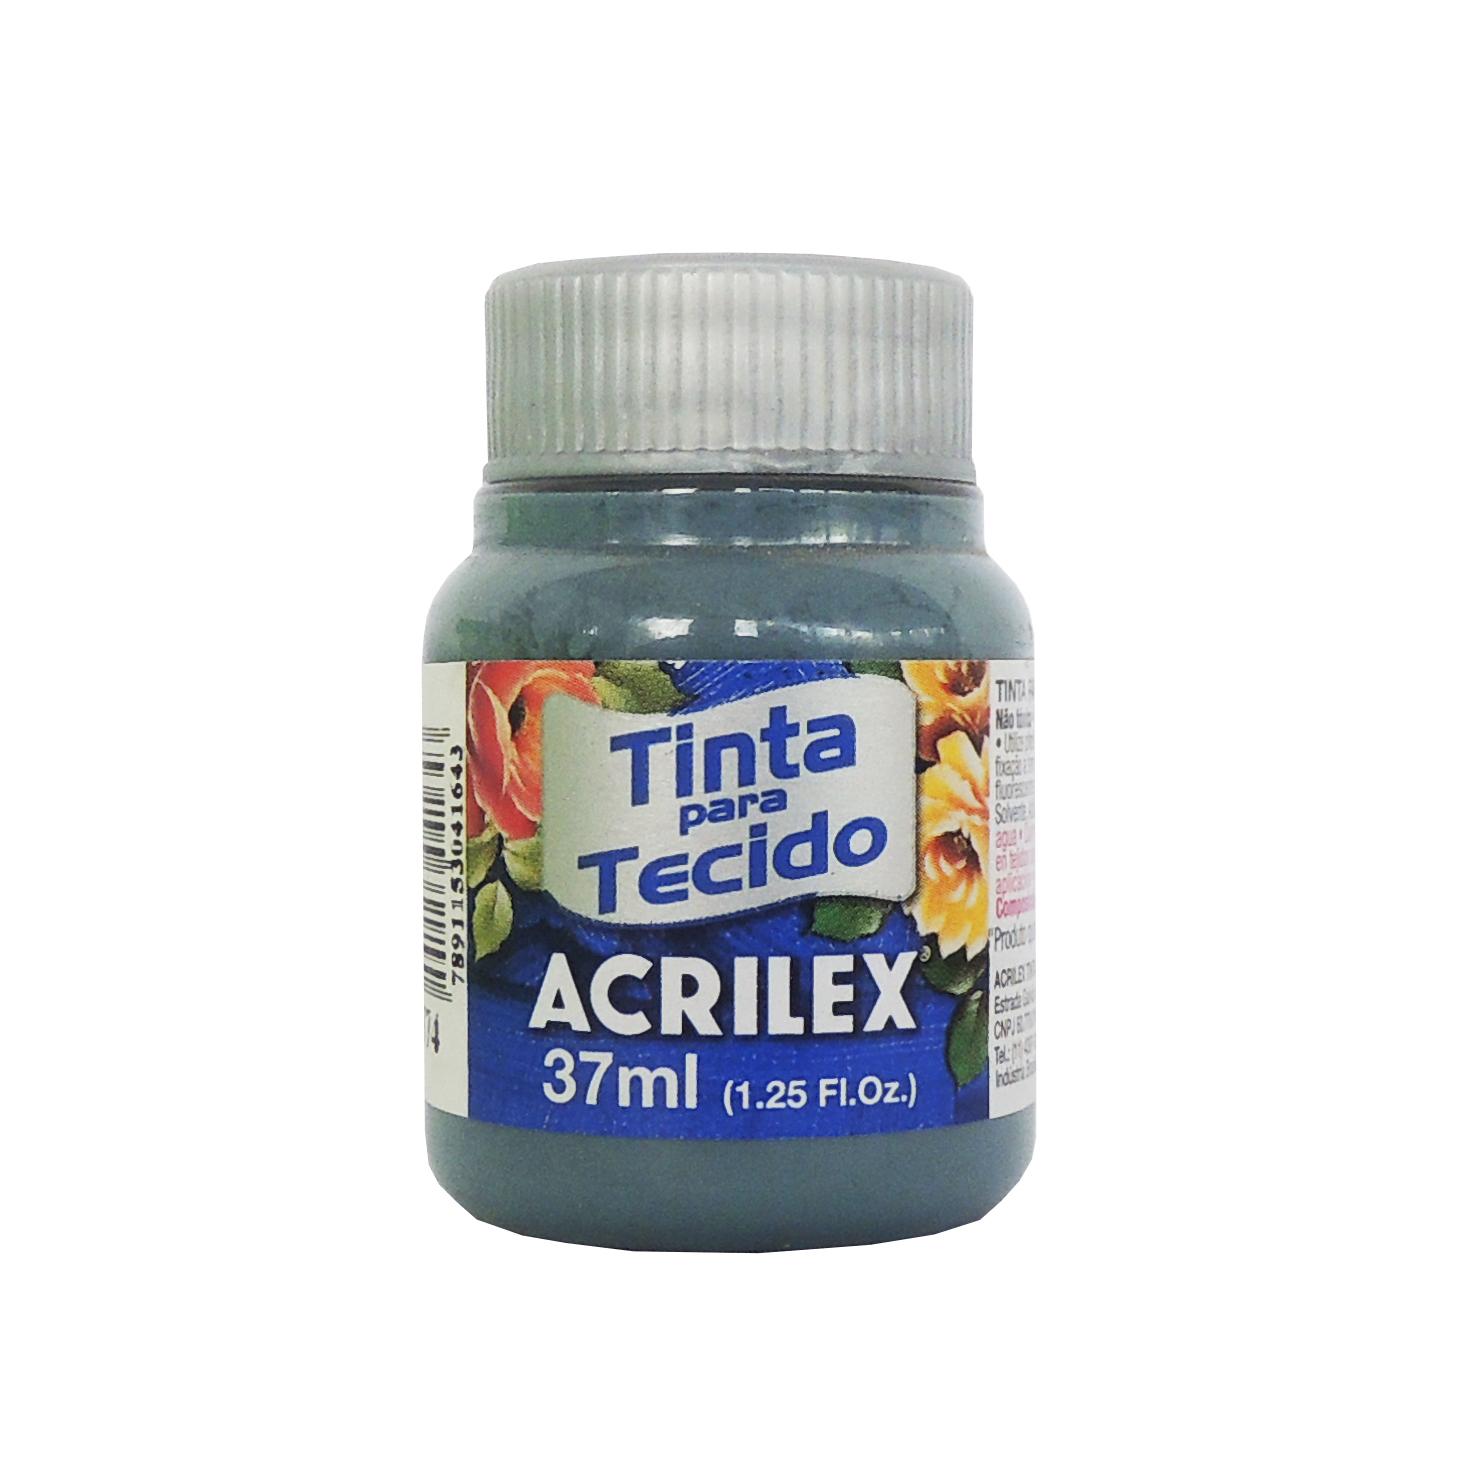 Tinta-para-Tecido-Acrilex-37ml-574-Cinza-Lunar